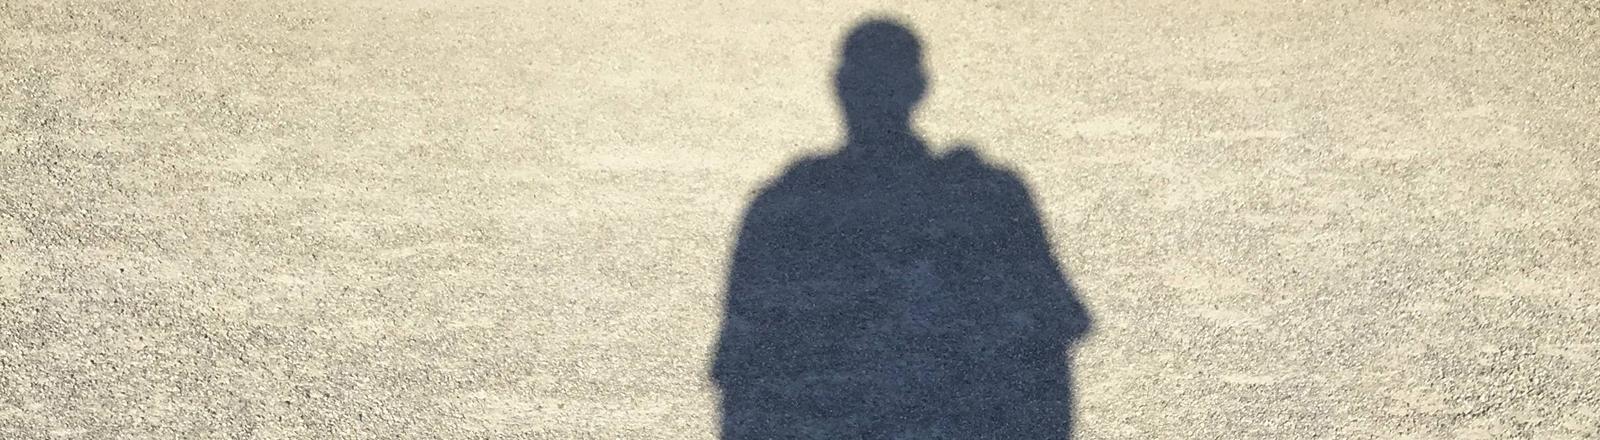 Der Schatten eines Mannes